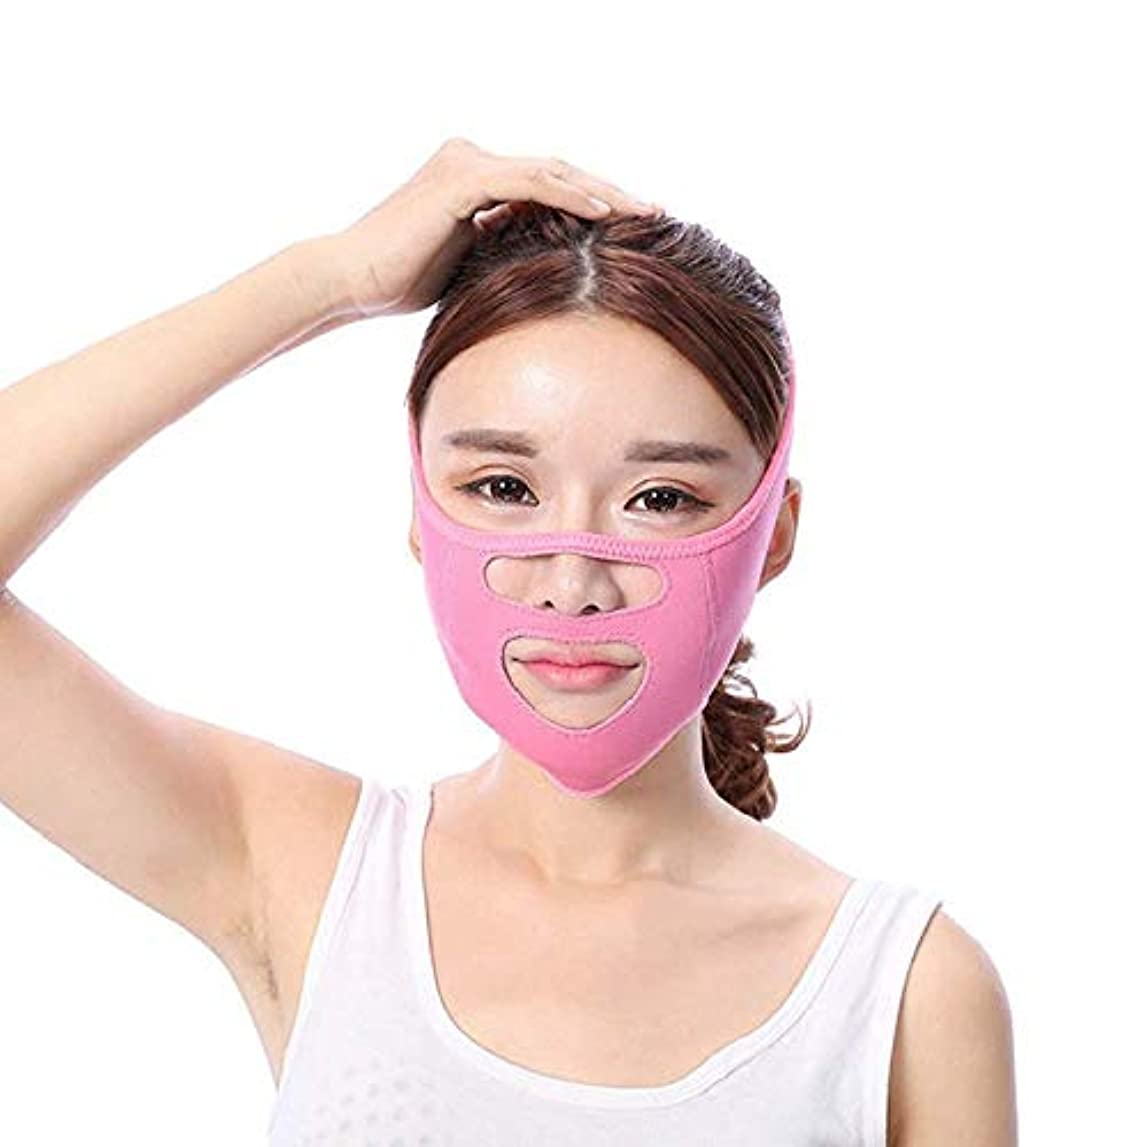 脆い委員長裏切り者薄い表面包帯の美装置の持ち上がることの固まる二重あごのDecree Vのマスクの通気性の睡眠のマスク